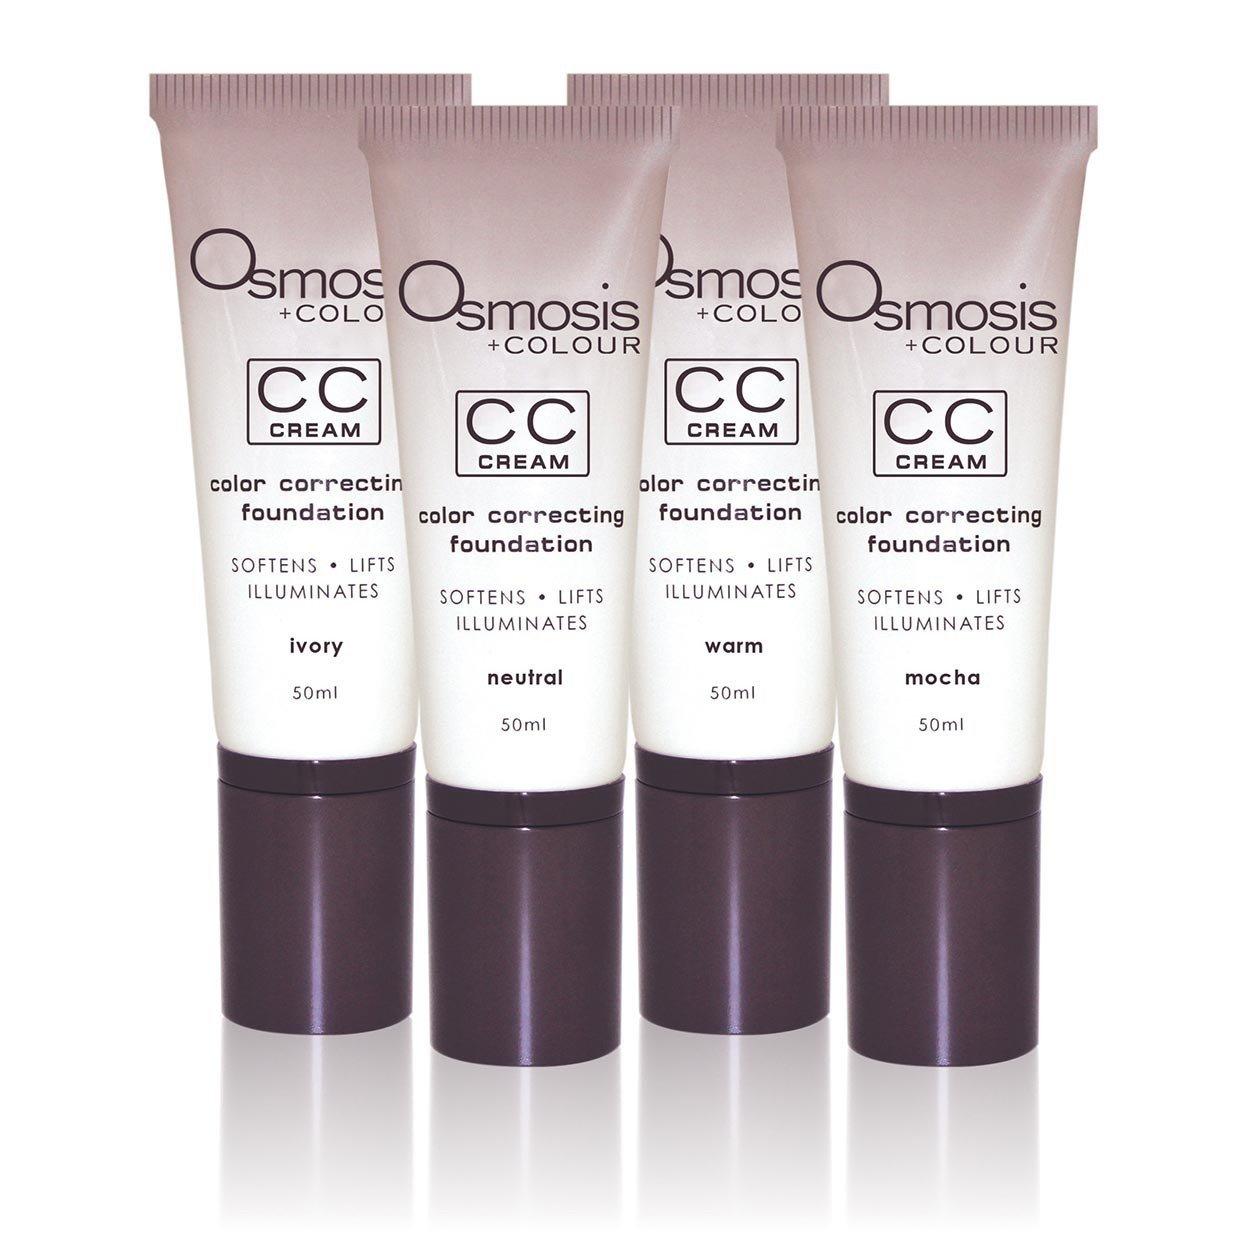 Neutral-CC Cream 5COINXR5VQORKJ2E6KNXIQ4N